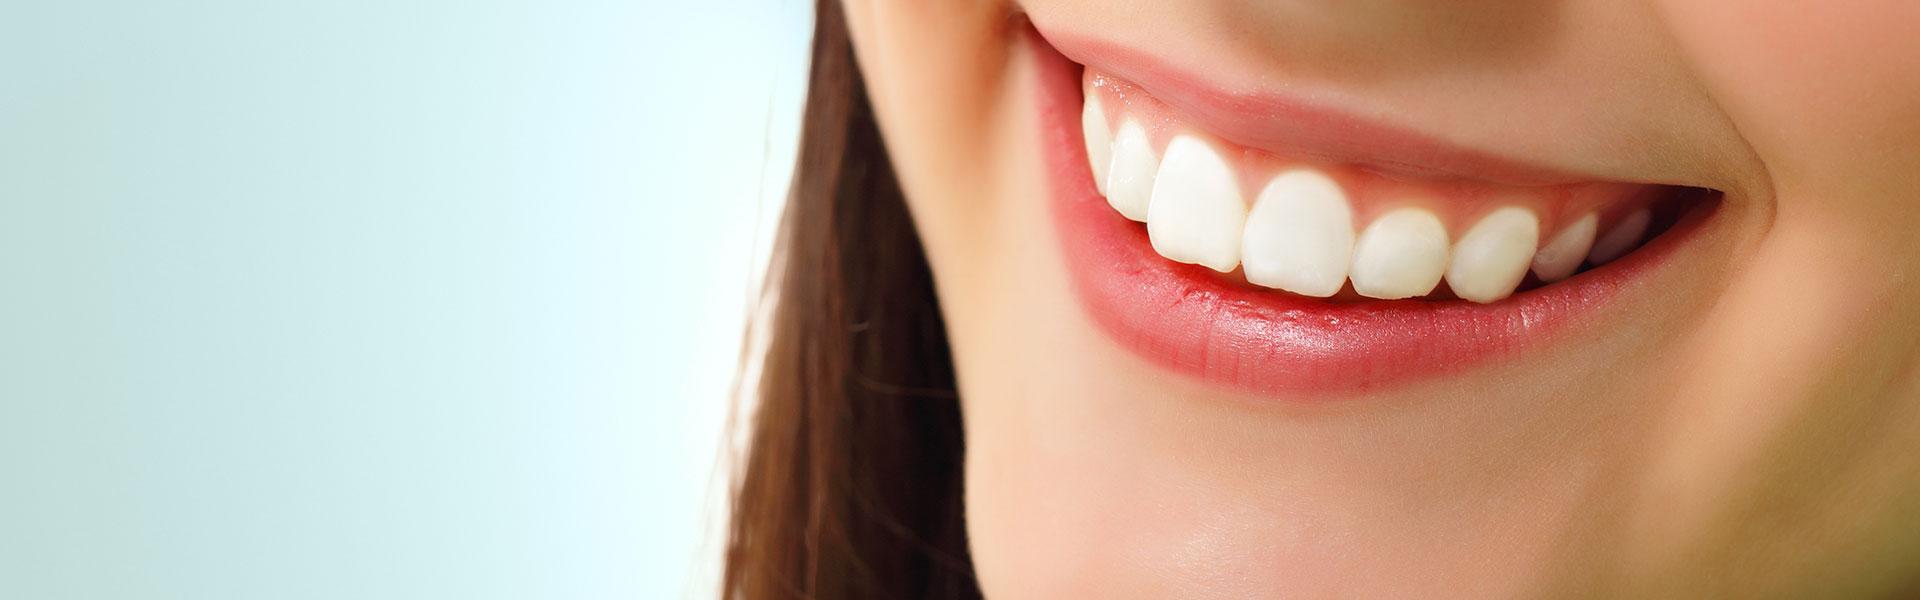 Beautiful smile of a girl who had dental veneers